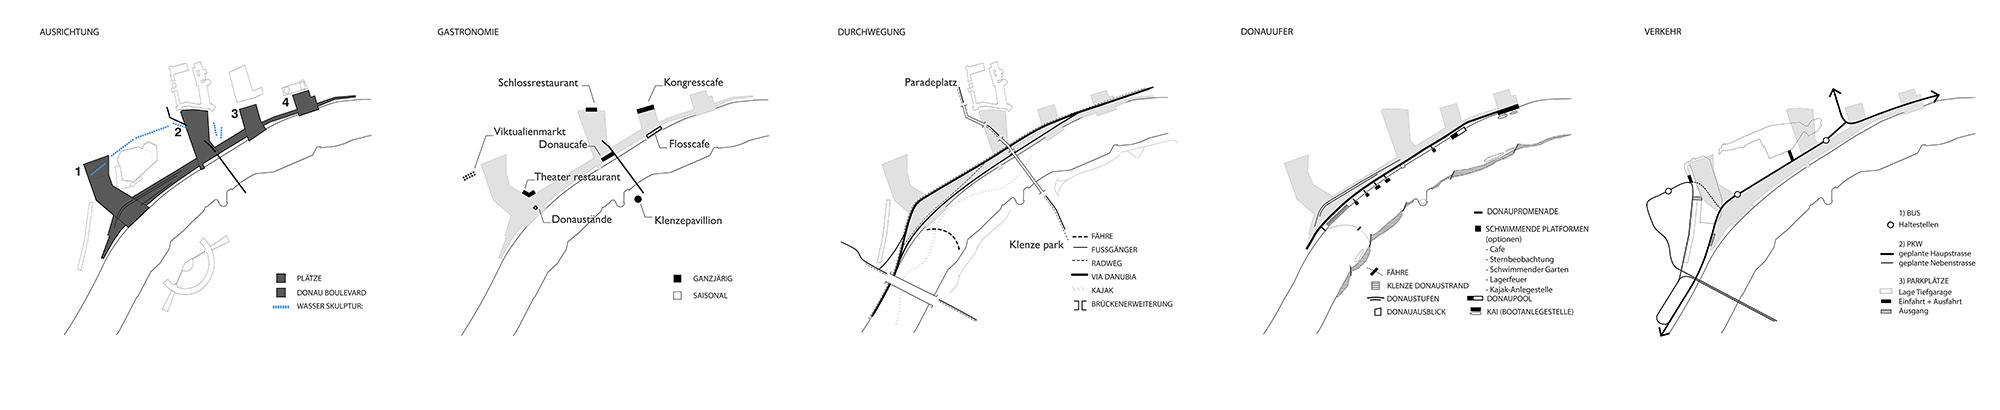 diagrams_05.29.13